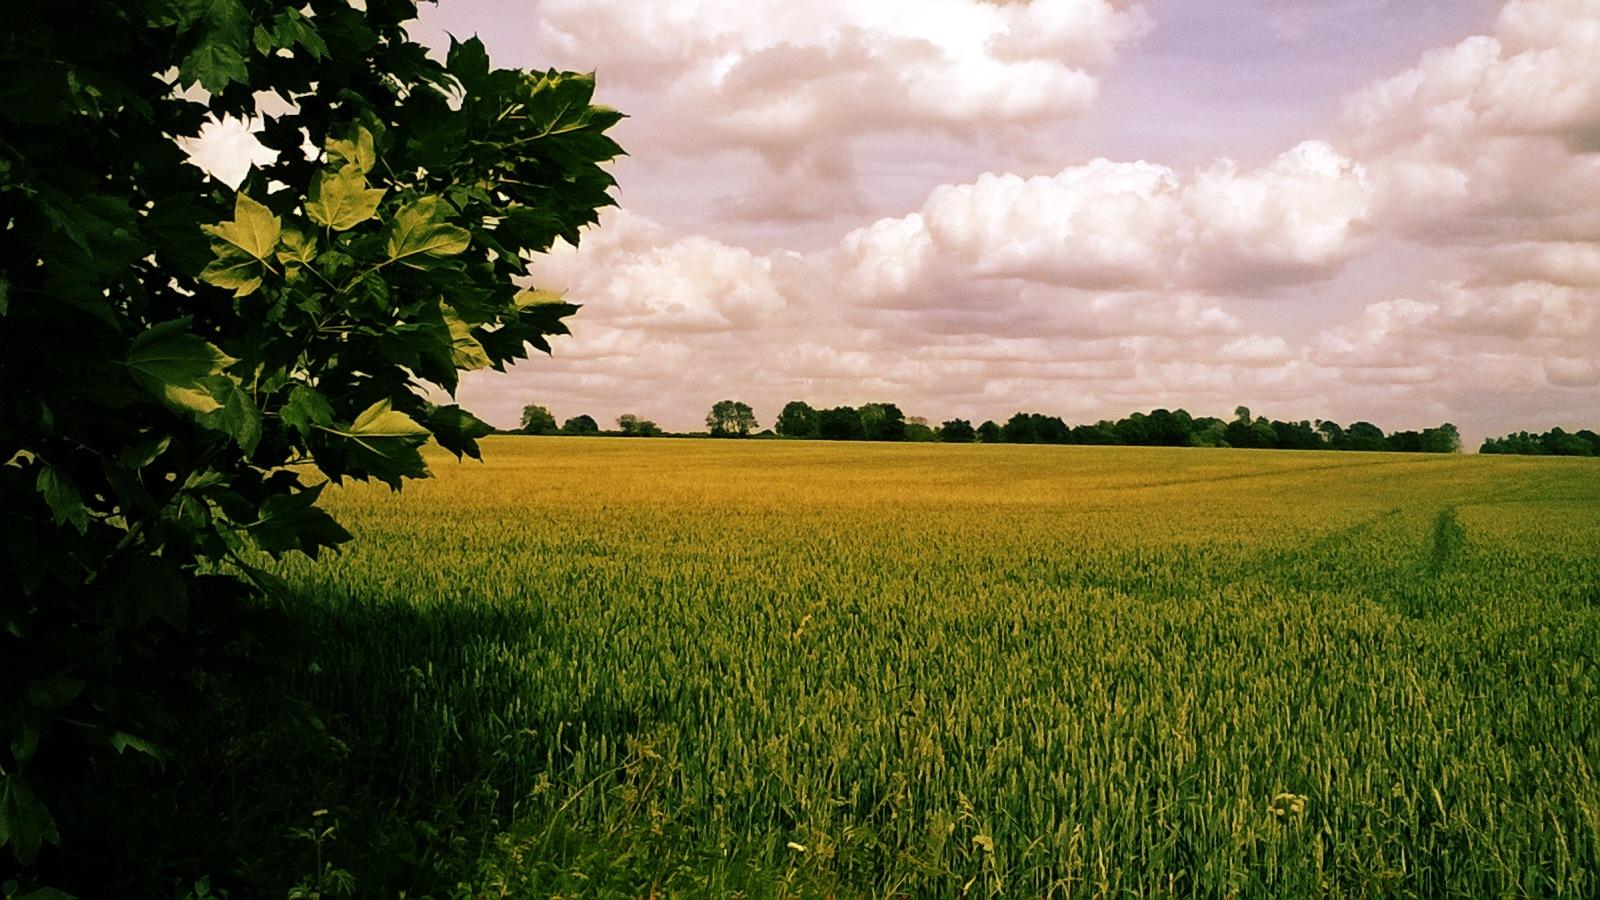 Field of Wheat by Hunter8